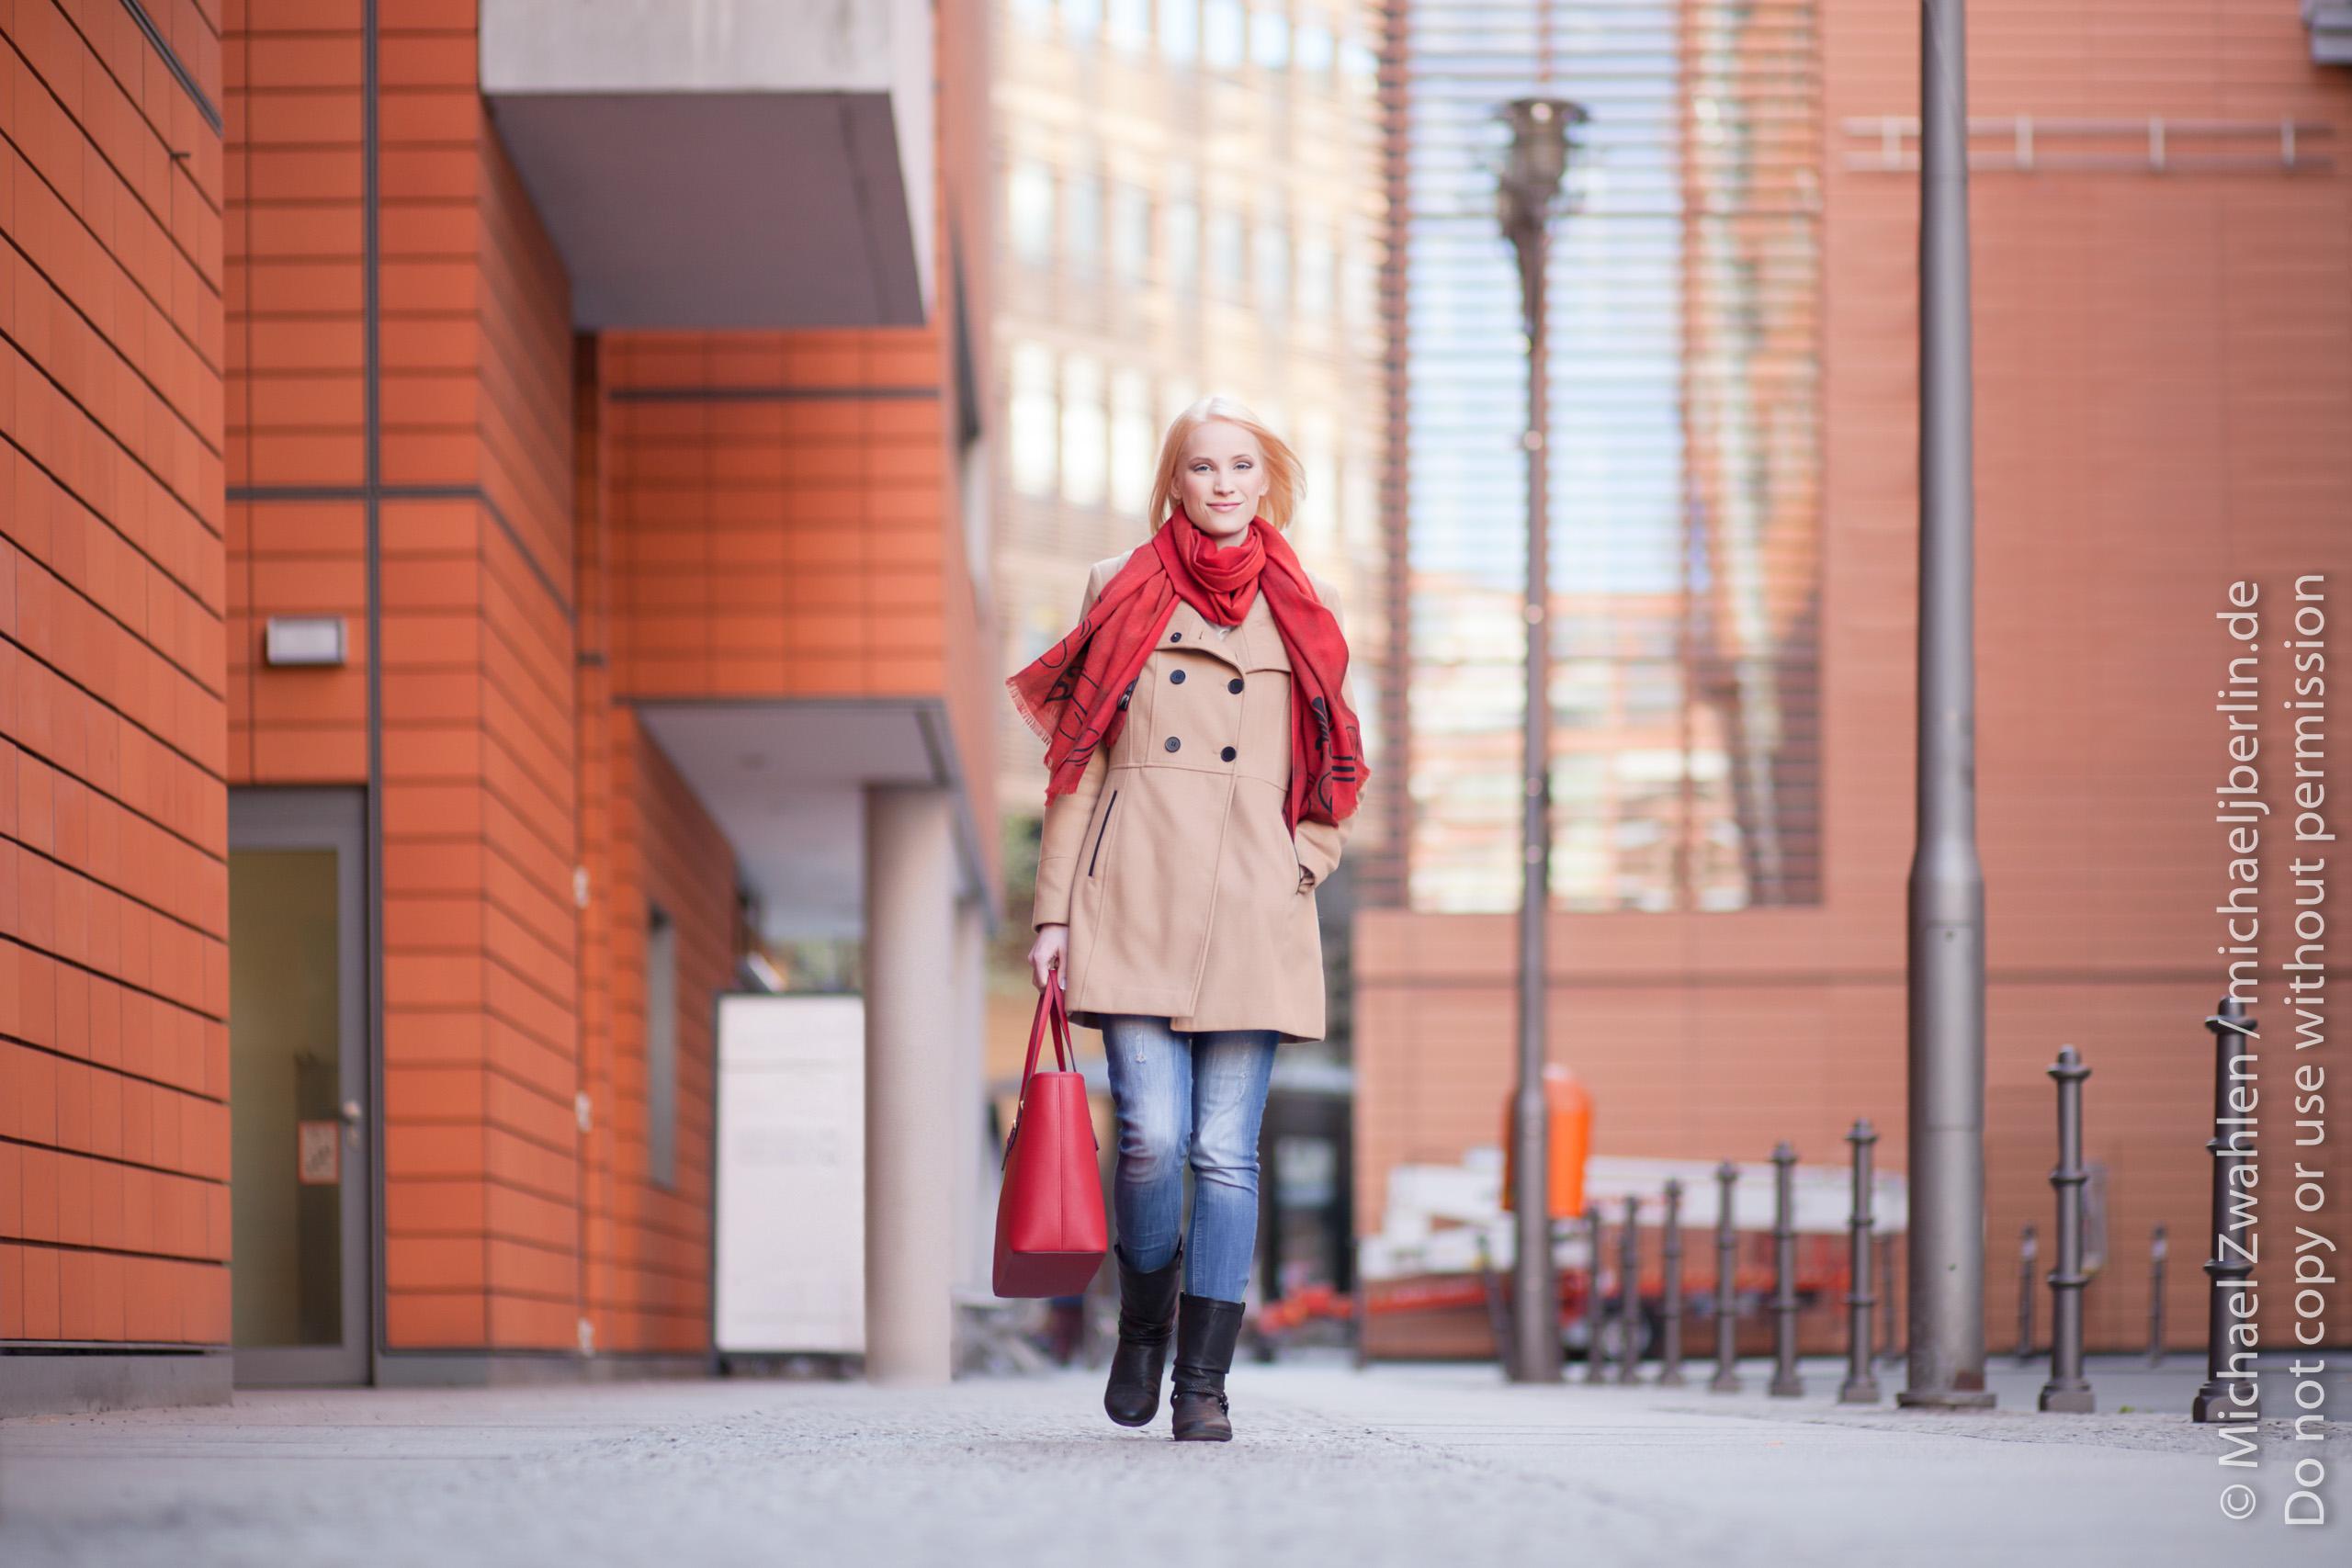 Junge Frau läuft Strasse entlang, mit Geschäften im Hintergrund. Berlin, Deutschland.